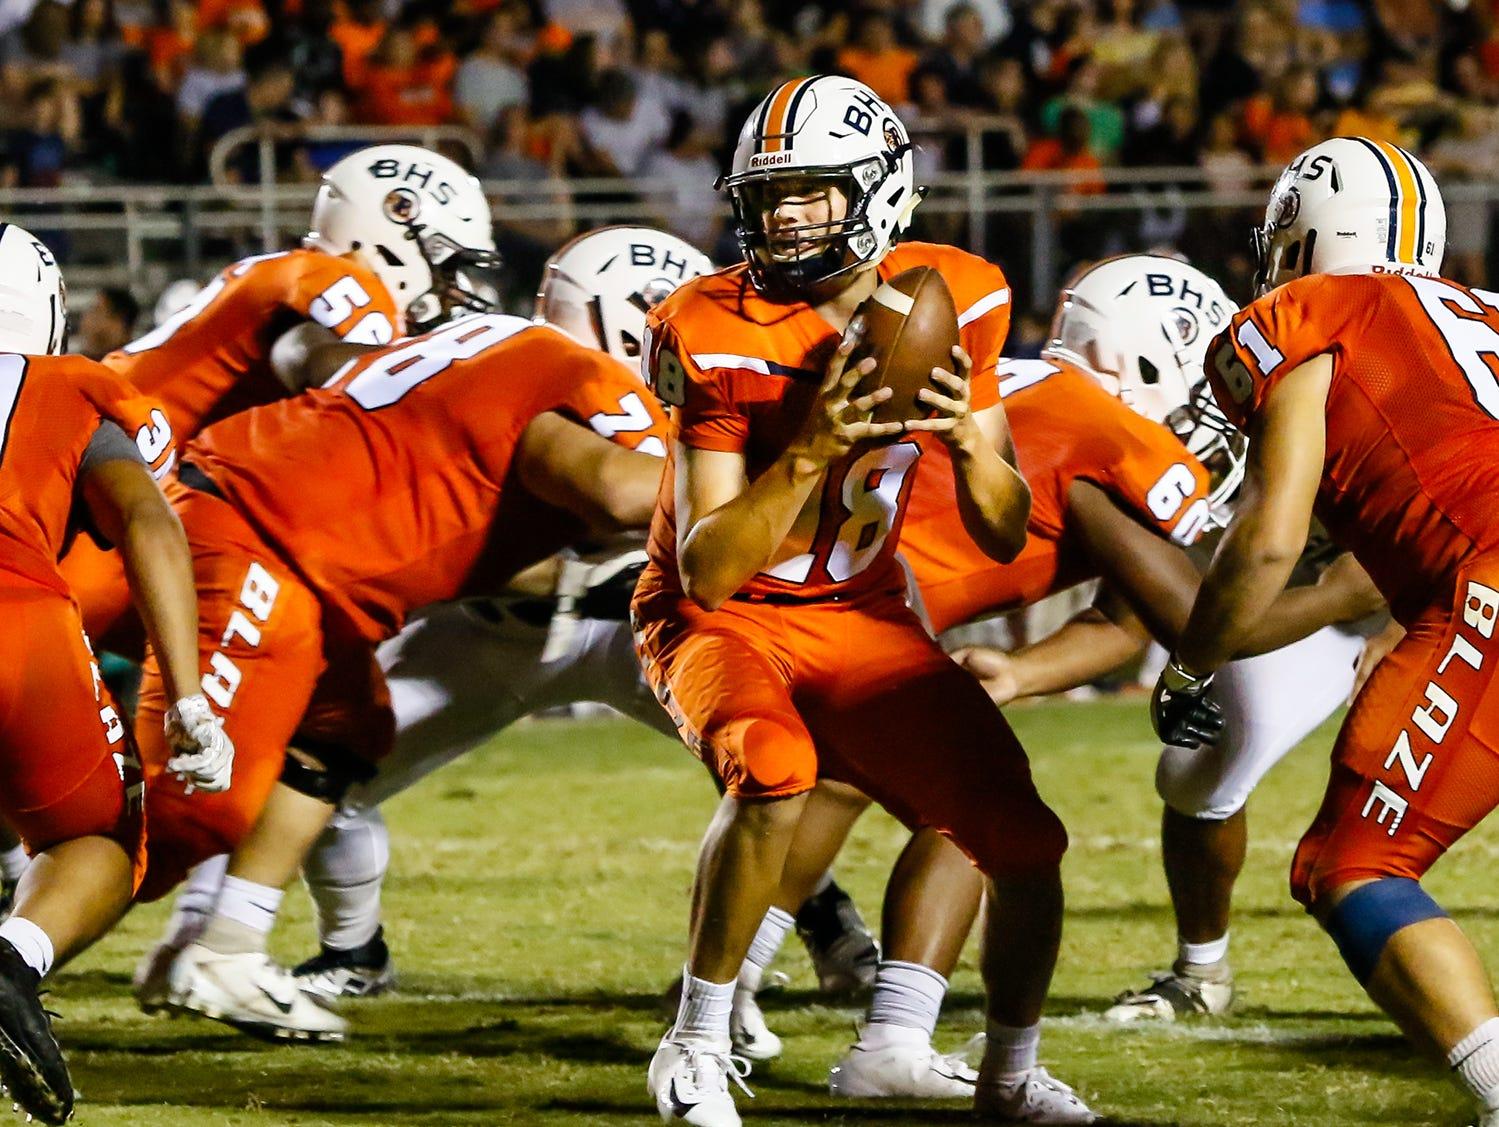 Blackman quarterback Drew Beam prepares for a handoff.